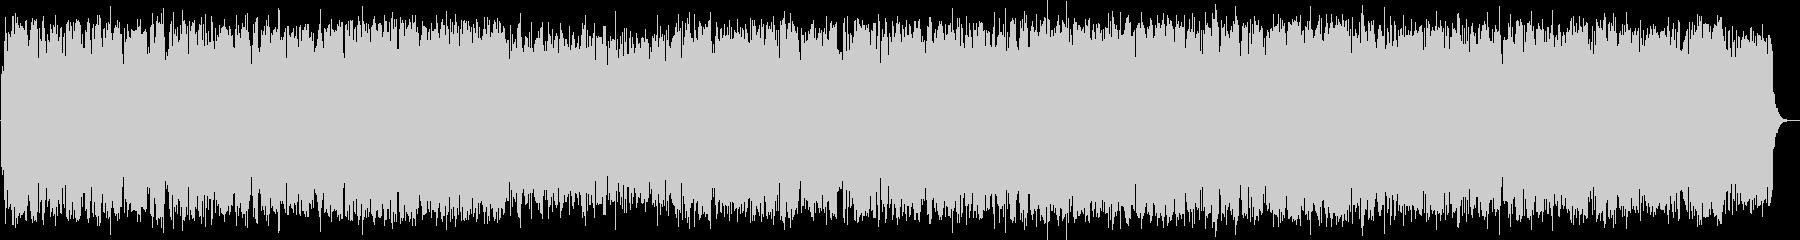 のどかな竹笛の音楽の未再生の波形